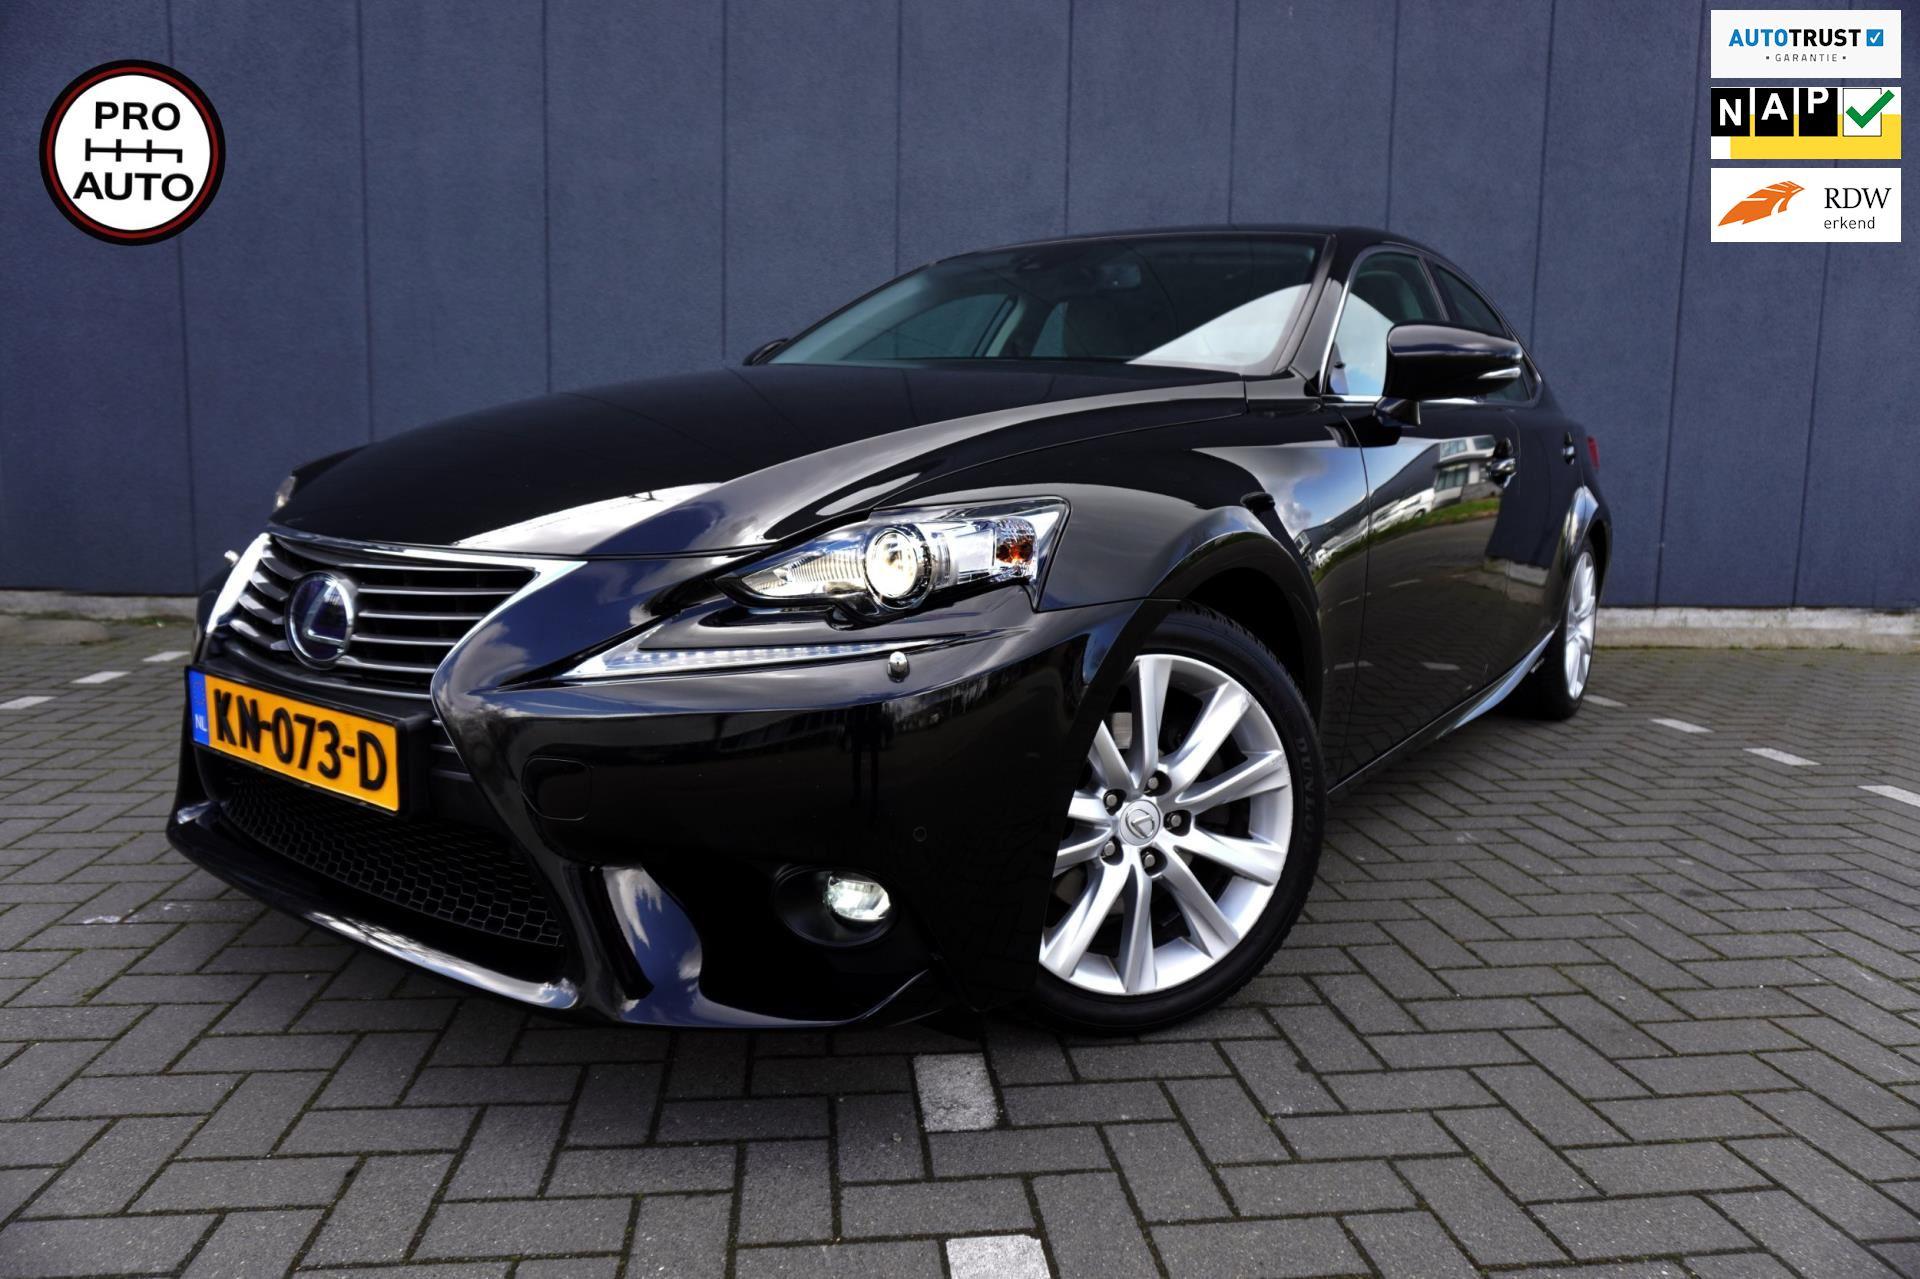 Lexus IS occasion - Proautoverkoop